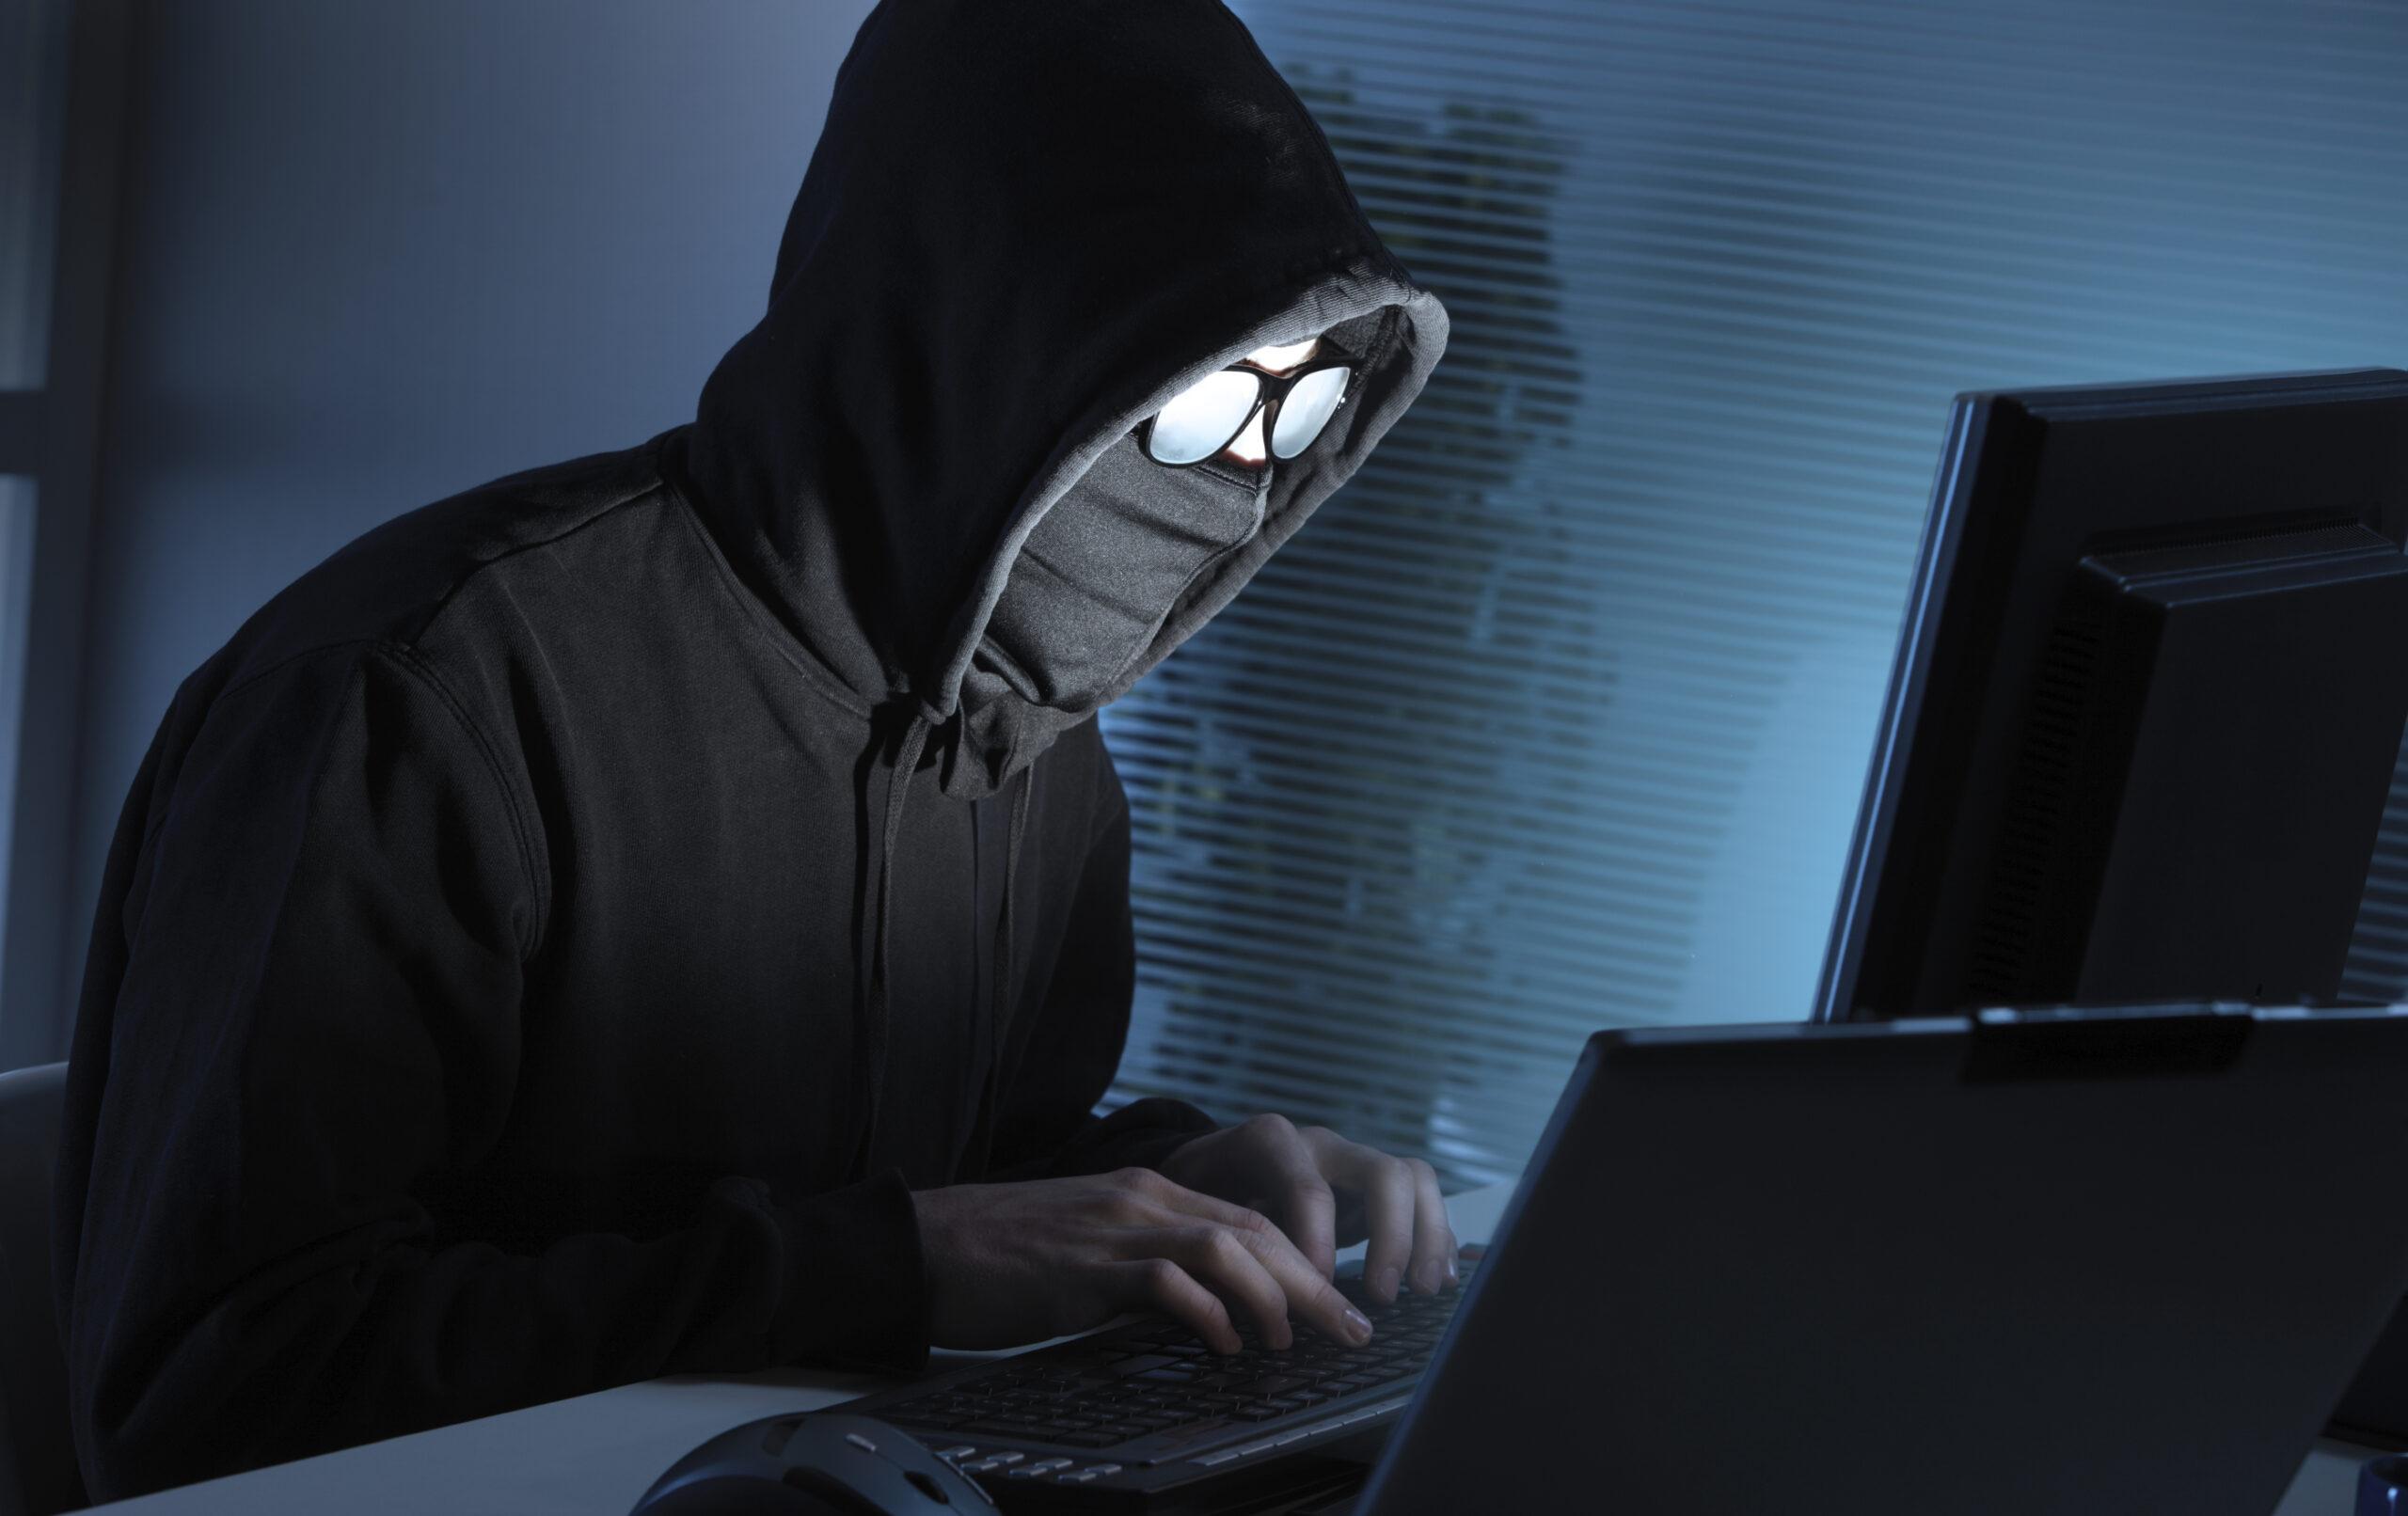 Cys4, ecco per chi lavorerà la start up di Carrai e Bellodi nella cybersecurity